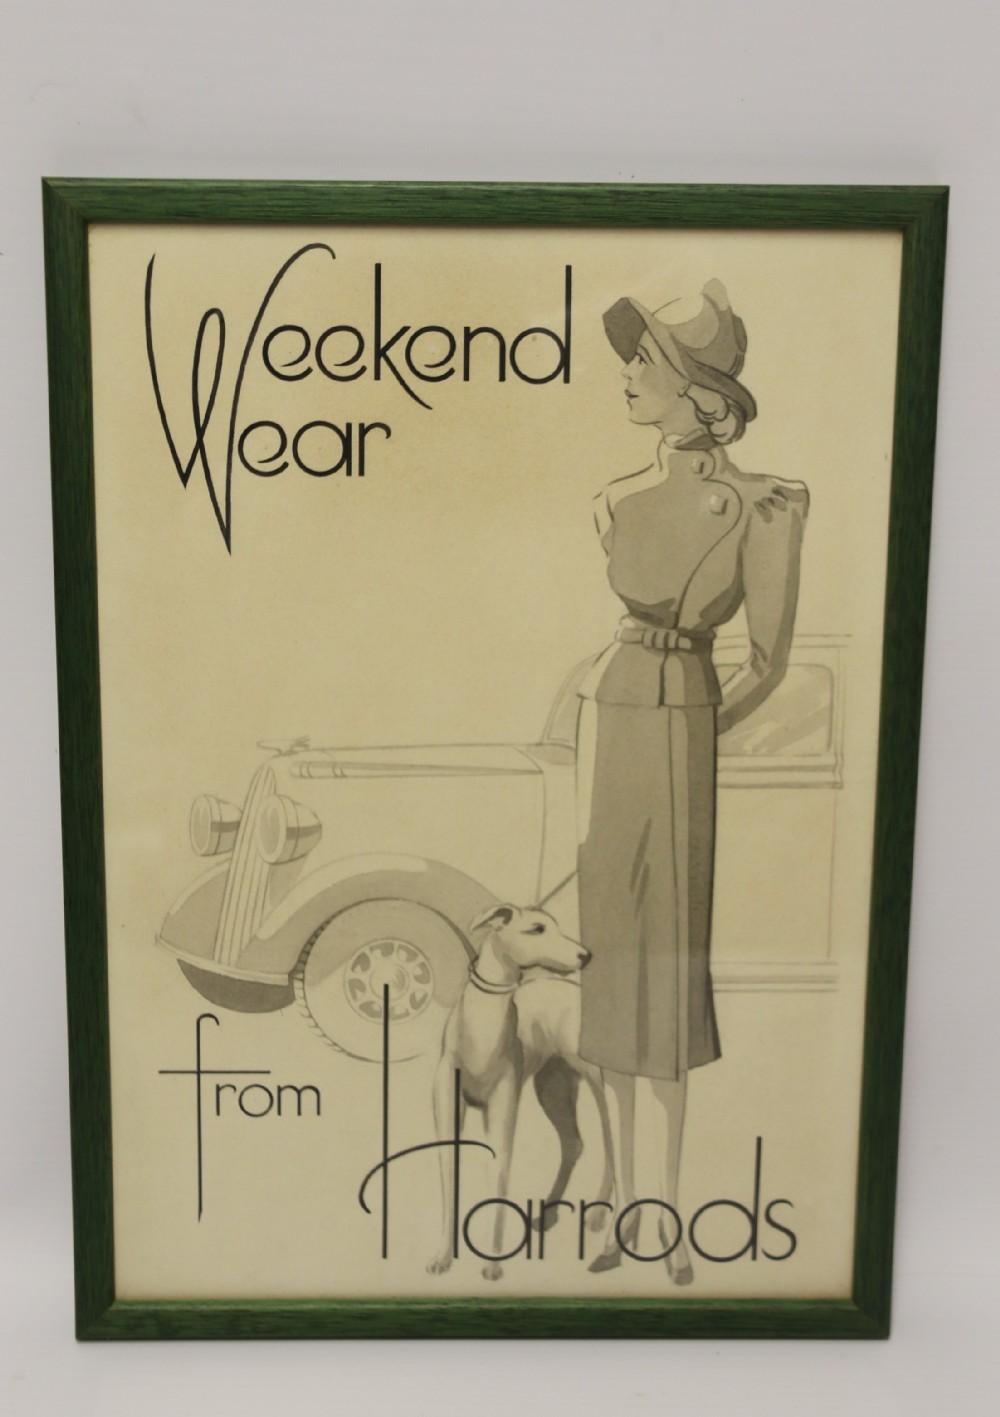 an original 1940s art work for a harrods advertisement